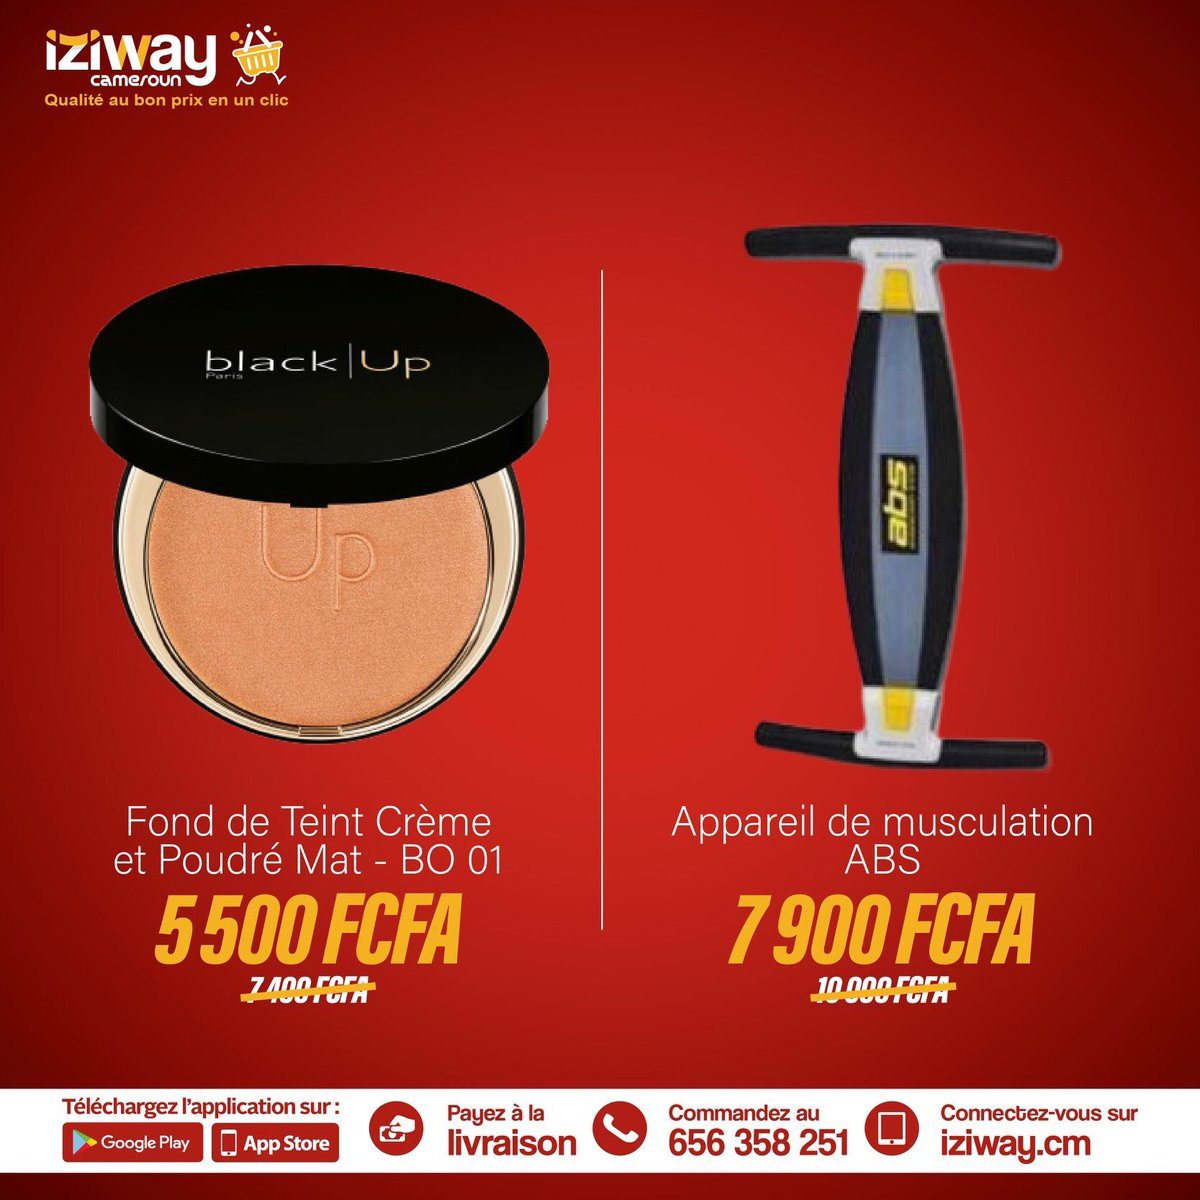 Soyez beaux à petit prix e selectionnant le produit de votre choix:   🔵 Fond de Teint Crème et Poudré Mat   🔵 Appareil de musculation abdominal  👩💻Whatsapp:  #iziwaycameroun #beaute #beauty